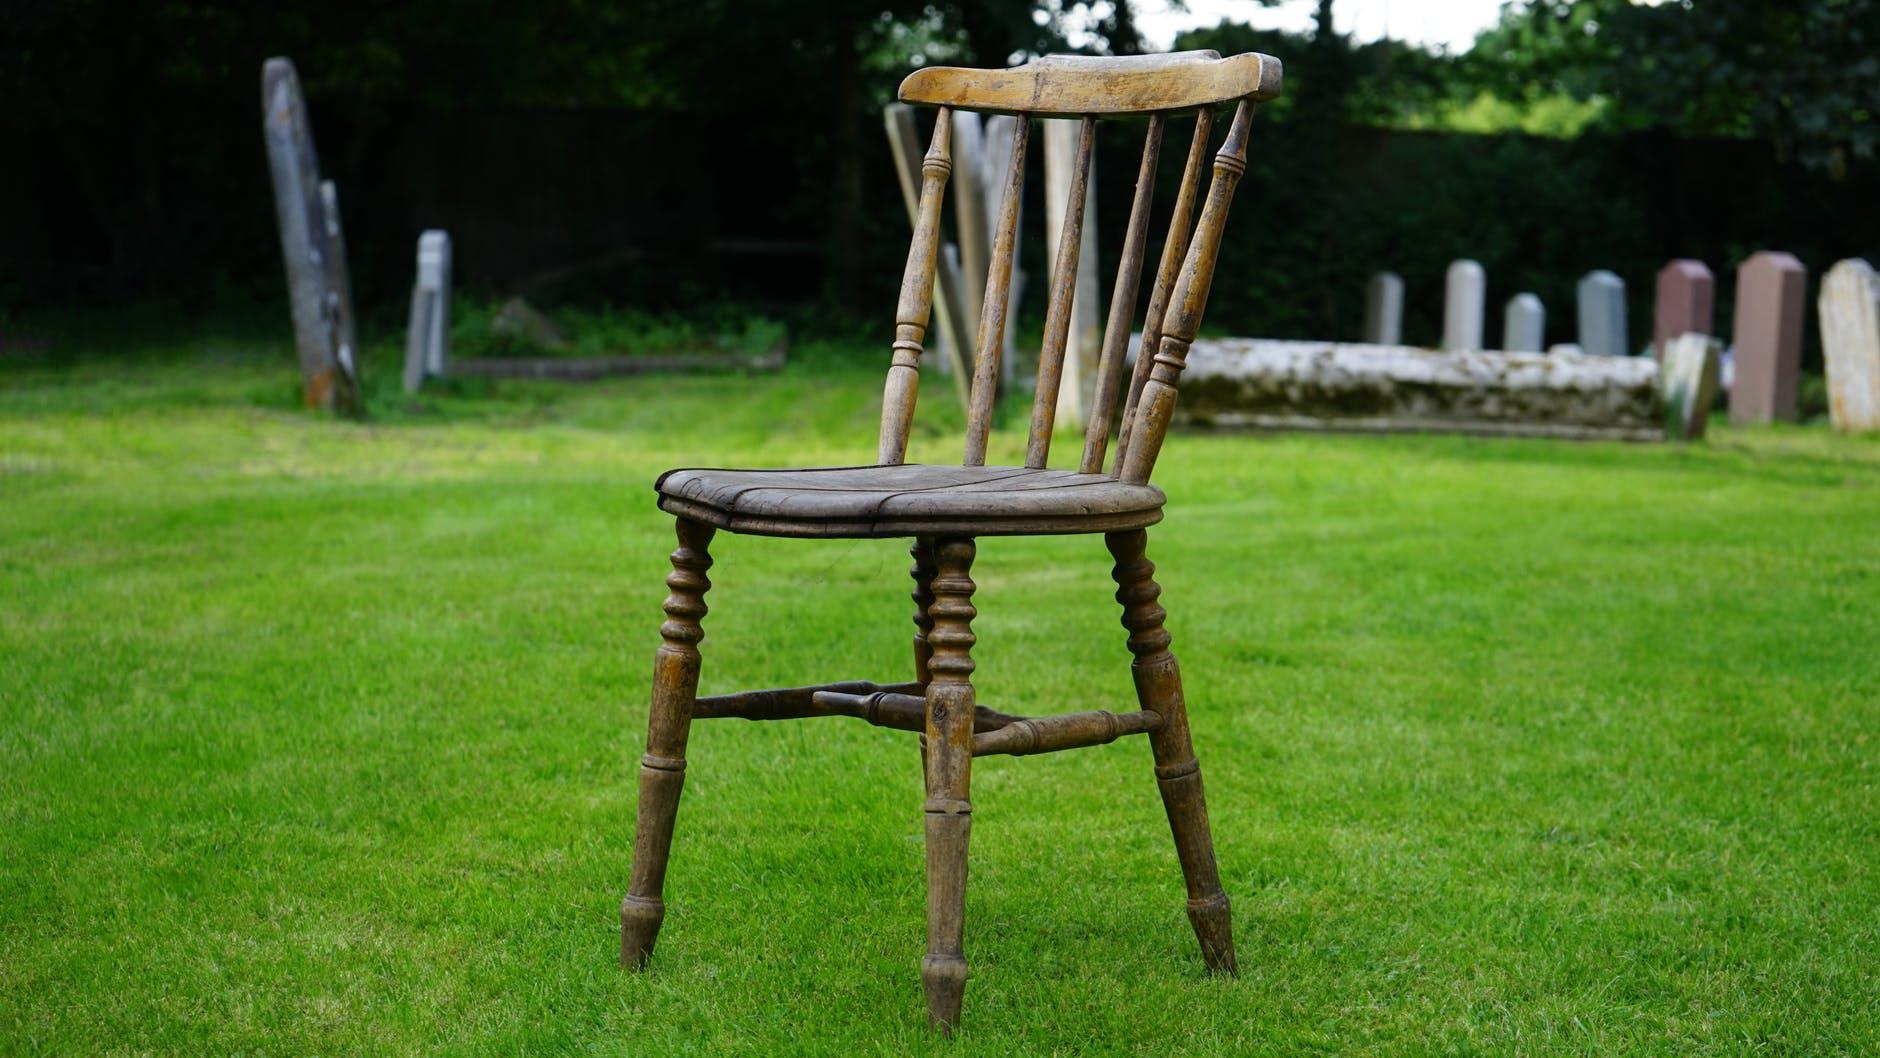 Krzesła ogrodowe - jak je wybrać?